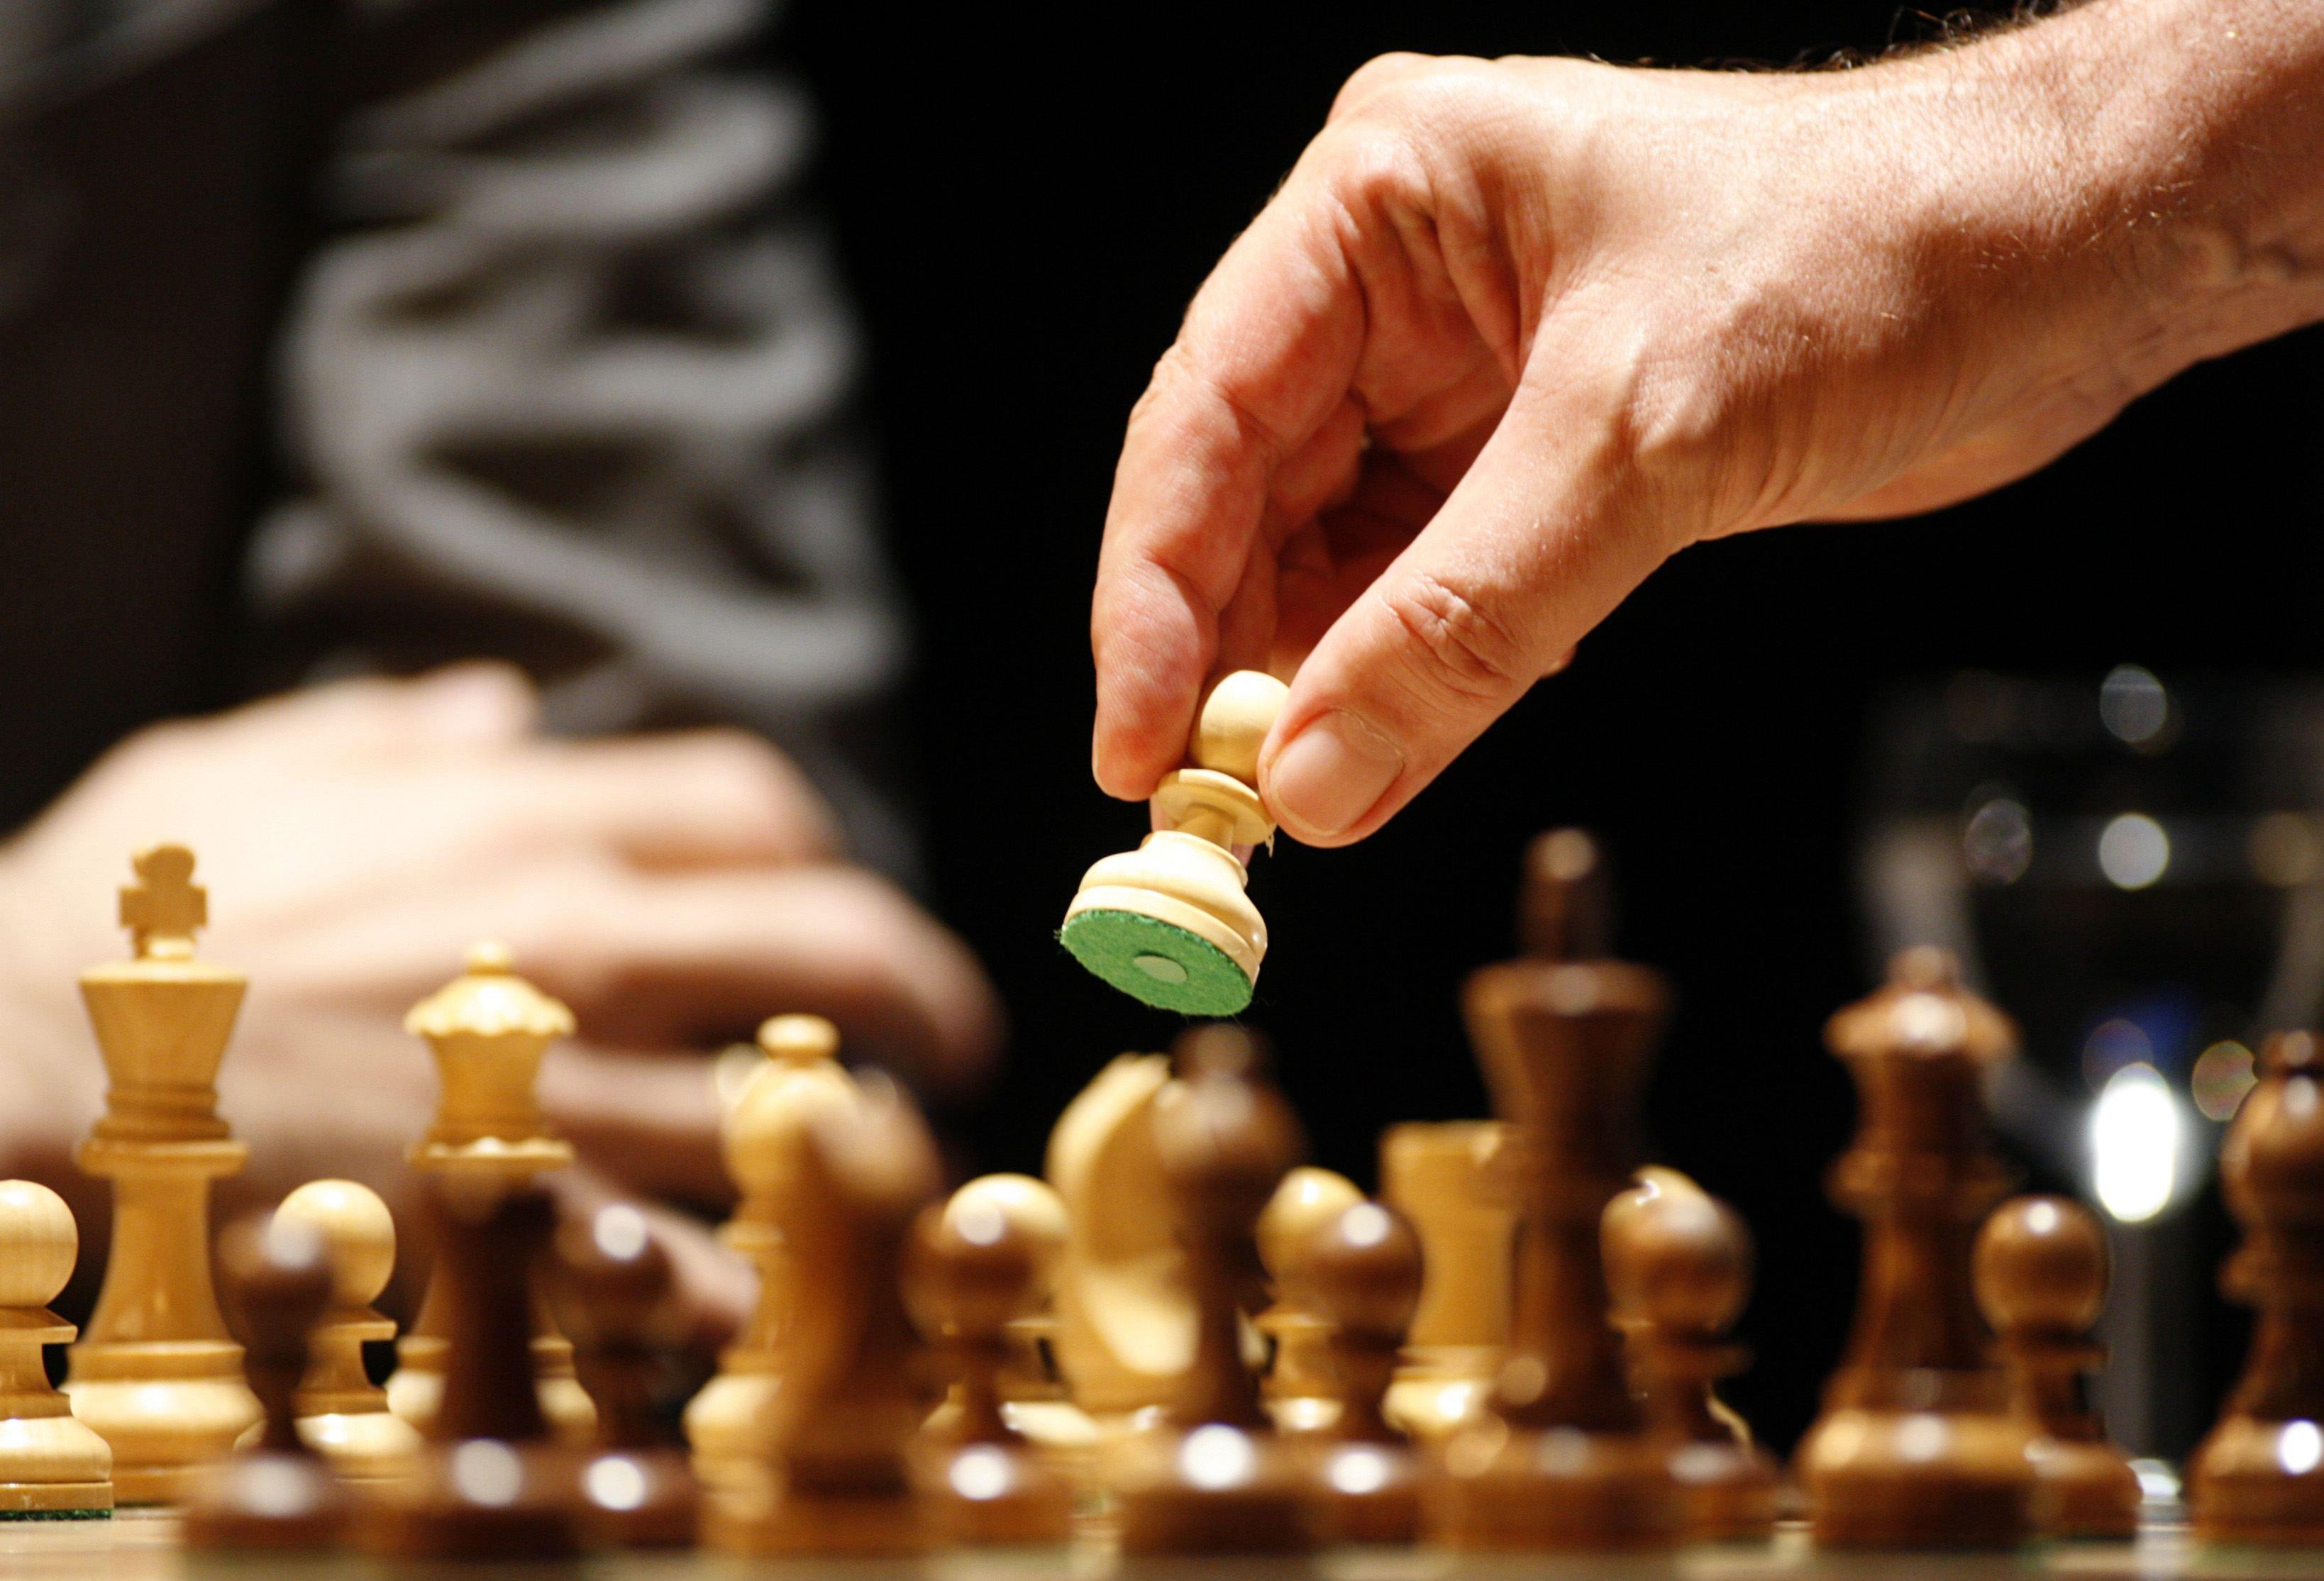 Descubre las nuevas reglas del ajedrez aprobadas por la